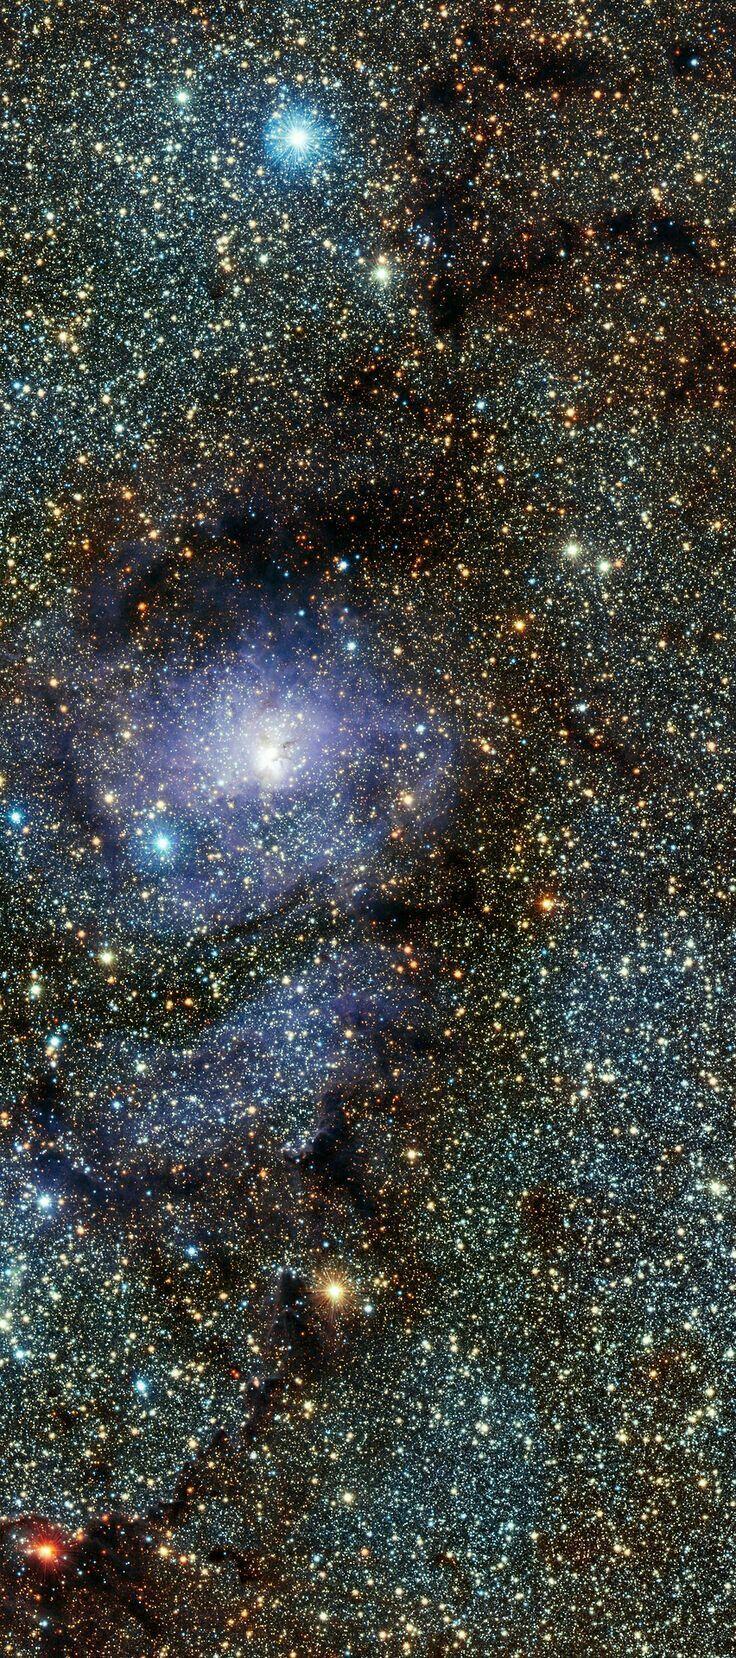 NGC 6523 o Lagoon nebula